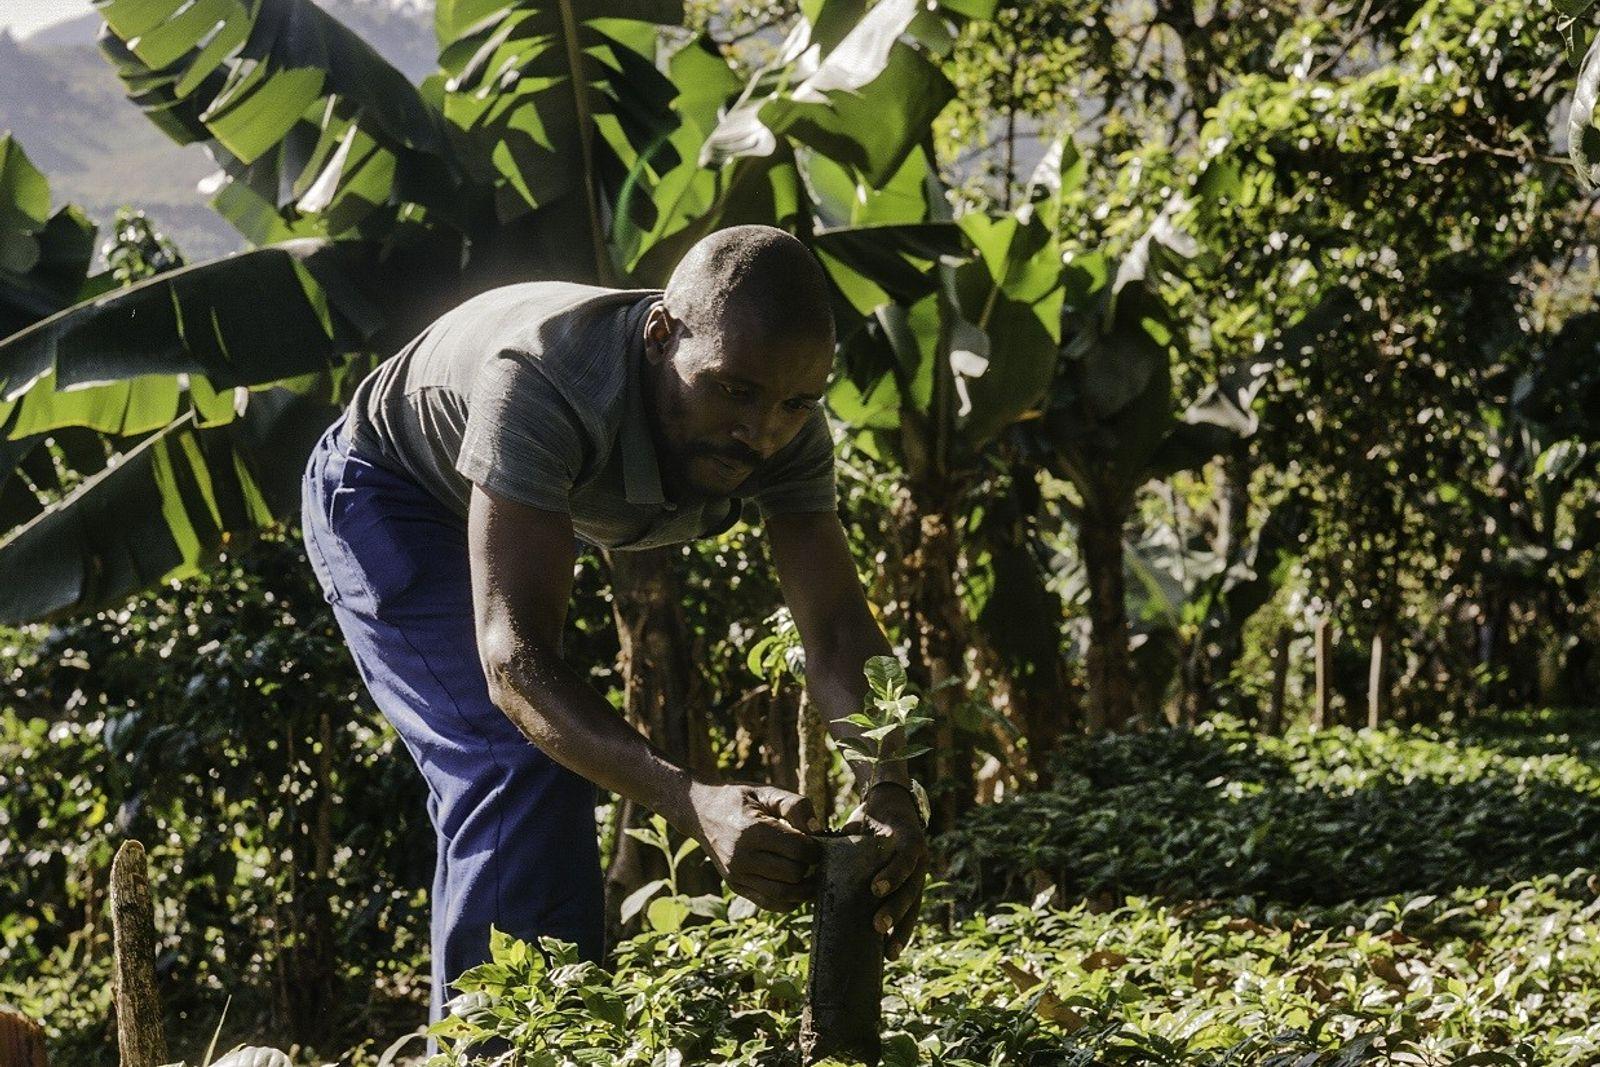 Zachariah Mukwinya, un agricultor de la aldea de Chavhanga en el distrito de Mutasa, ha percibido ...